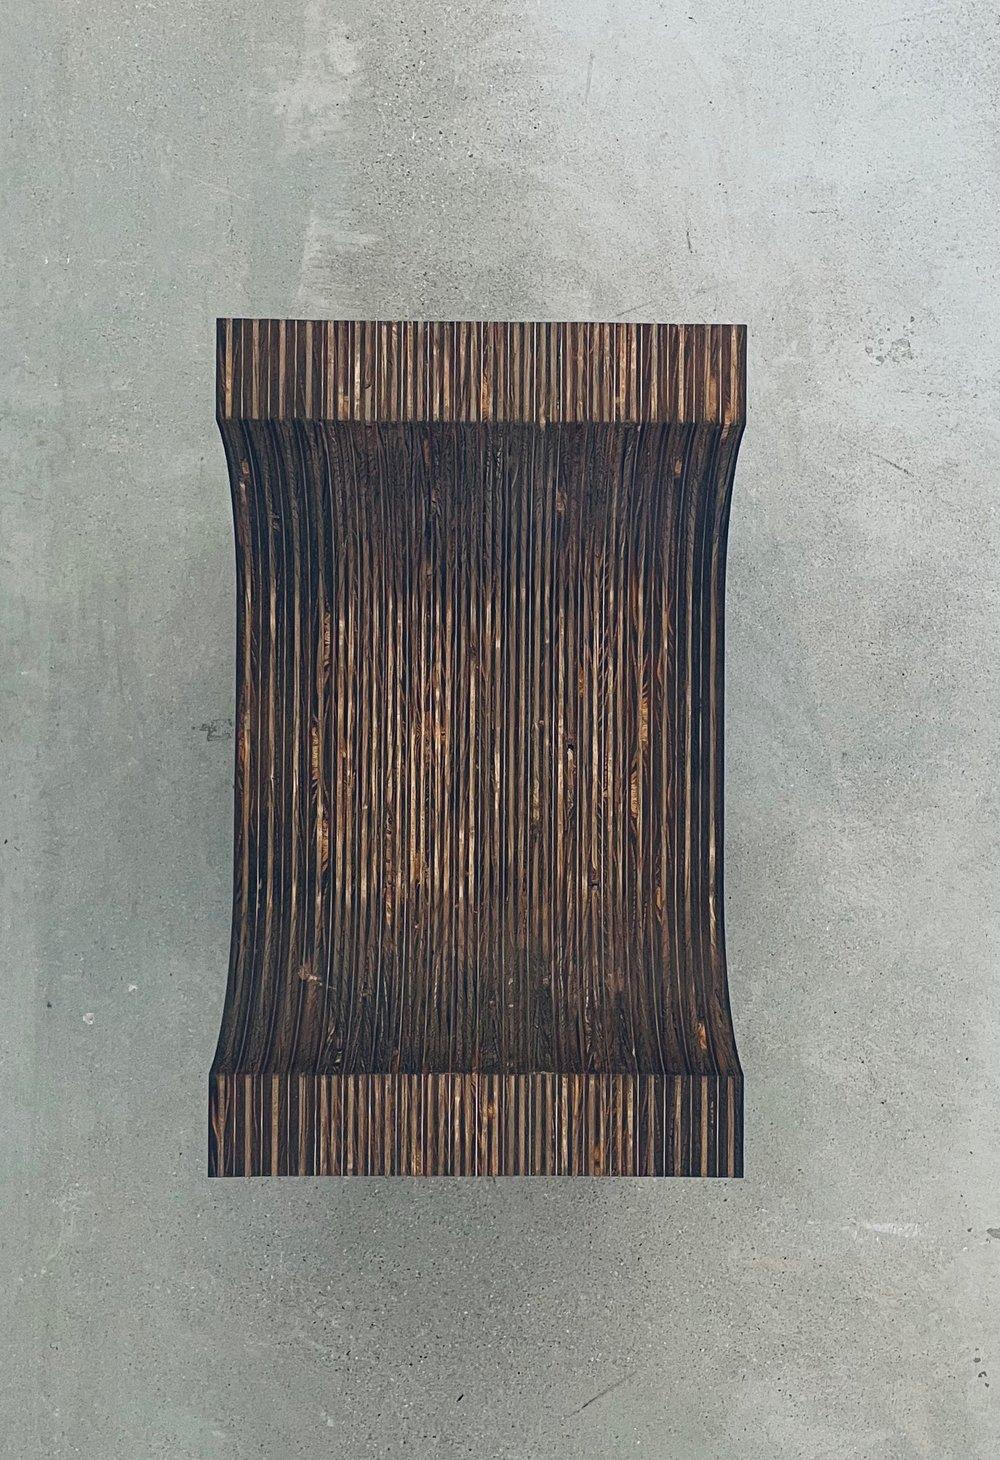 Image of KONDOO STOOL